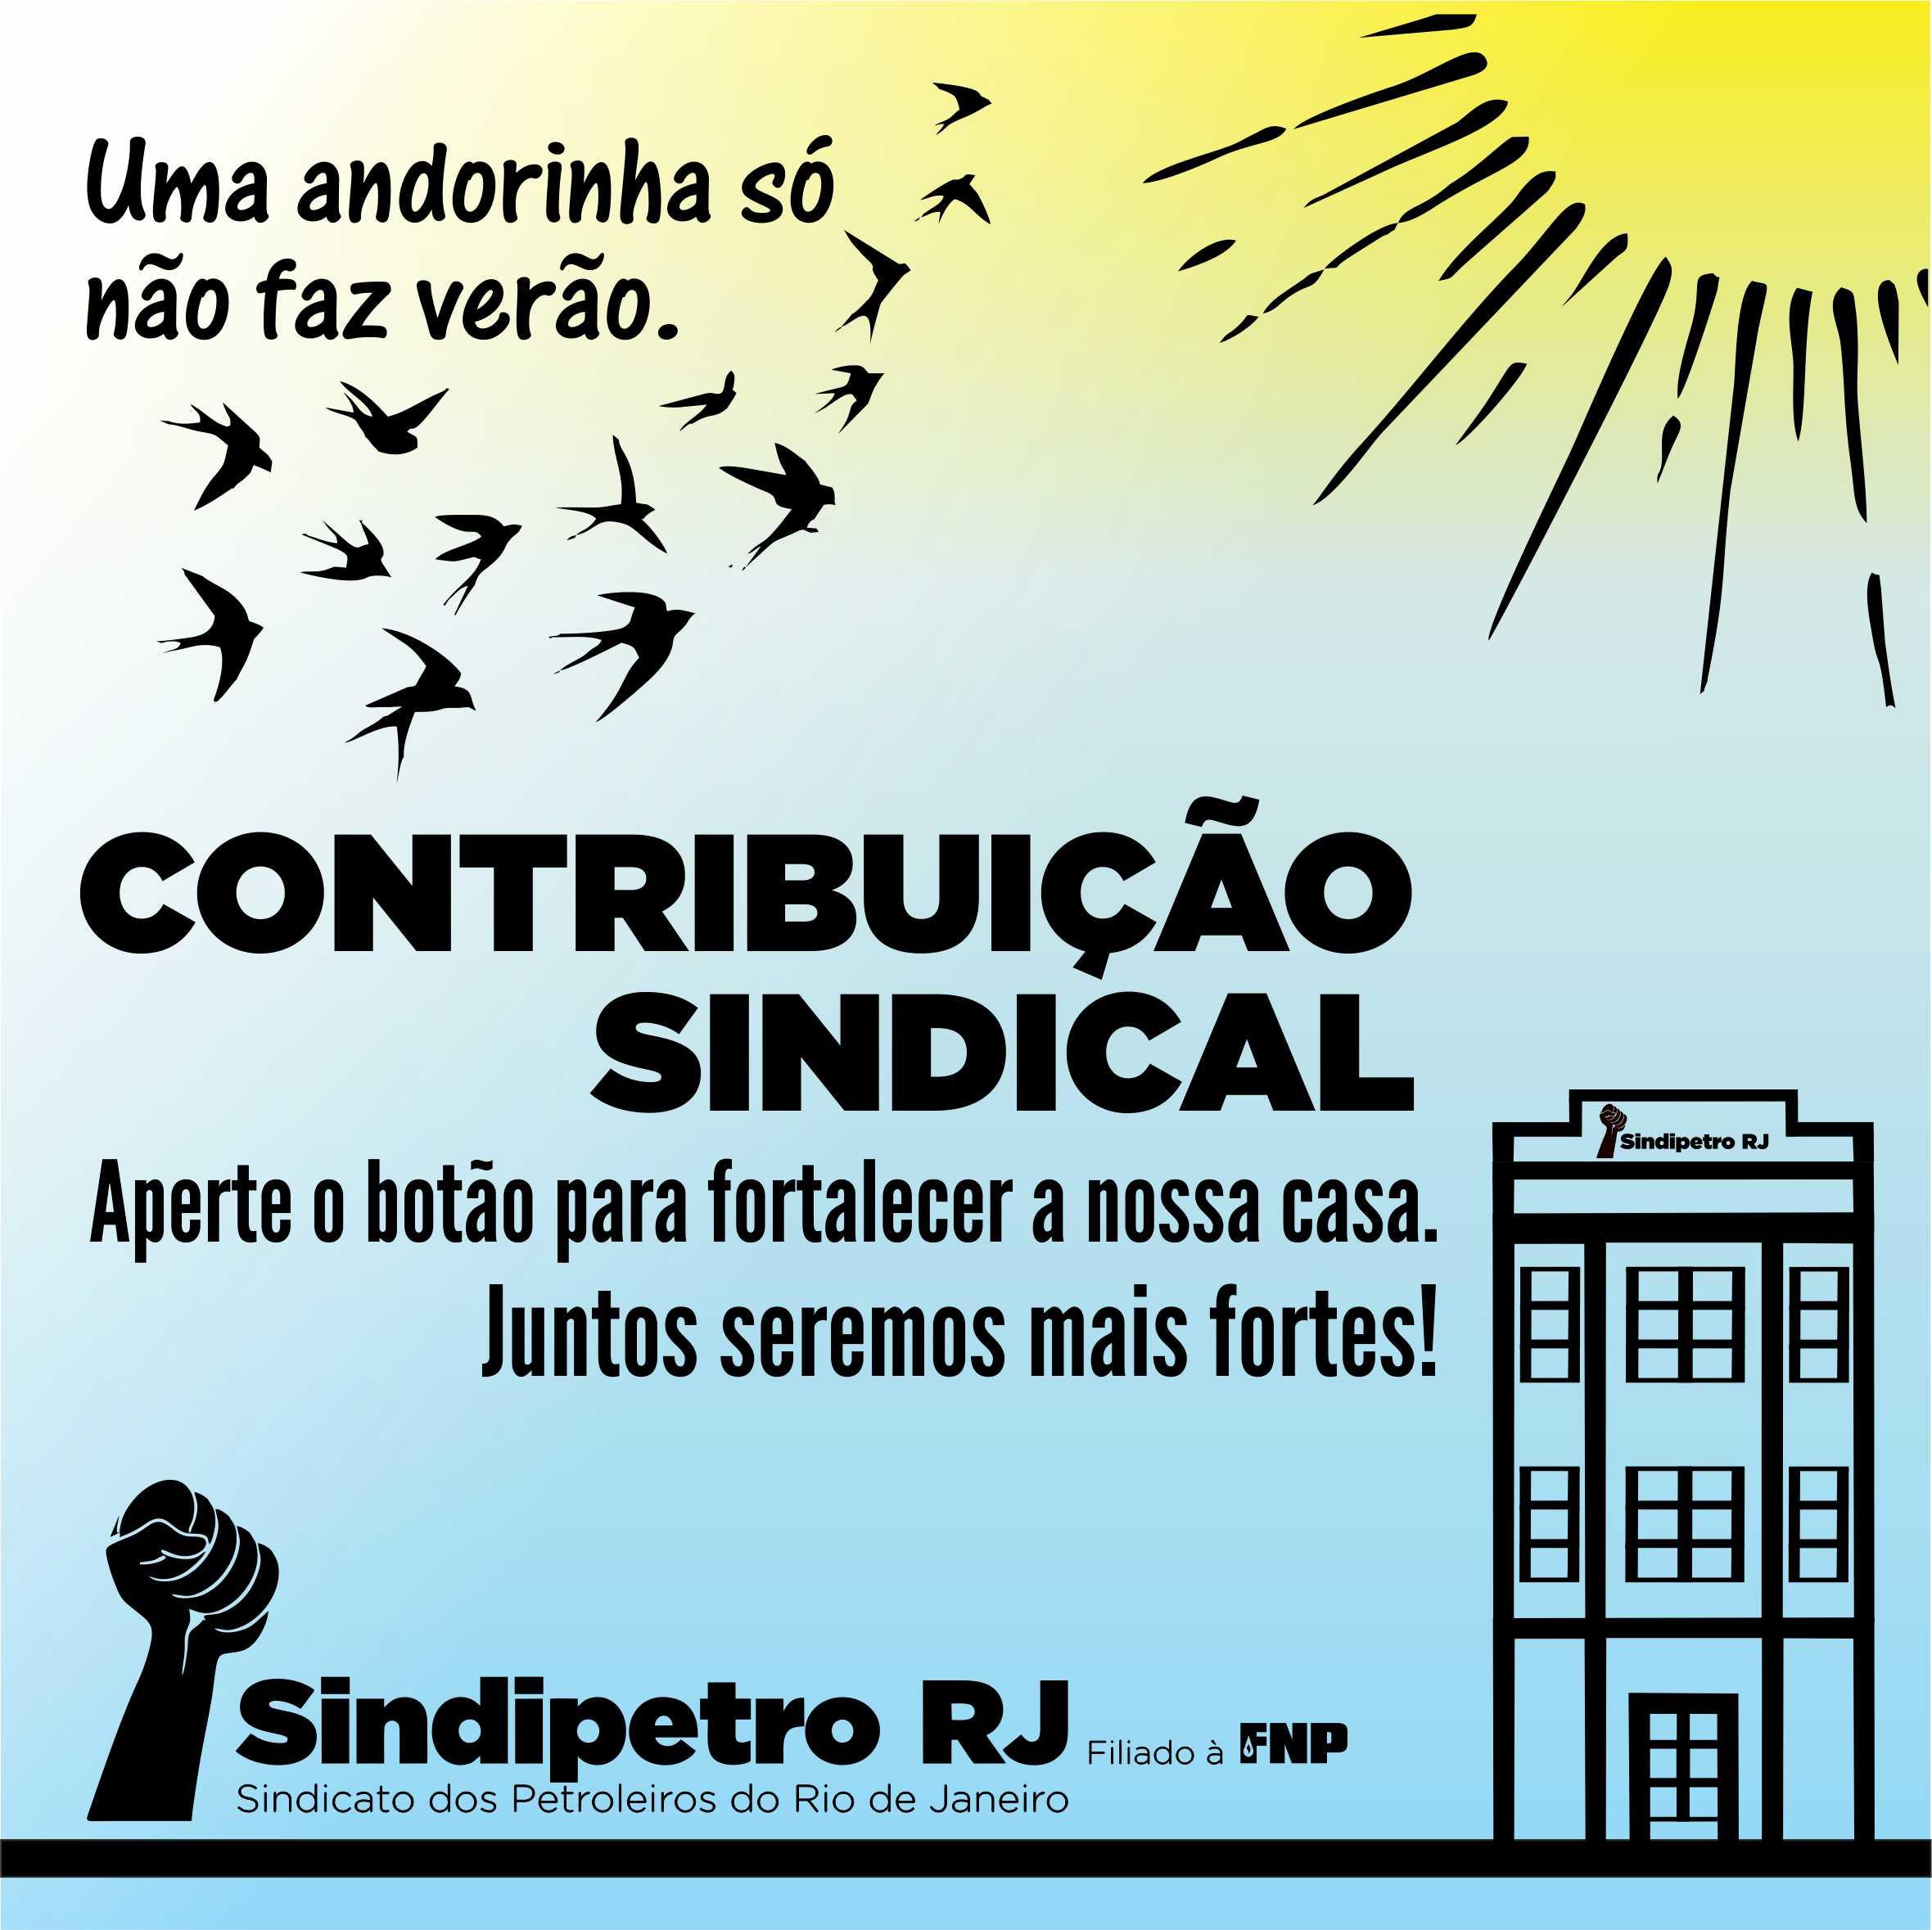 Contribuição sindical: ajude a fazer o sindicato mais forte CONTRIBUI    O SINDICAL CASA